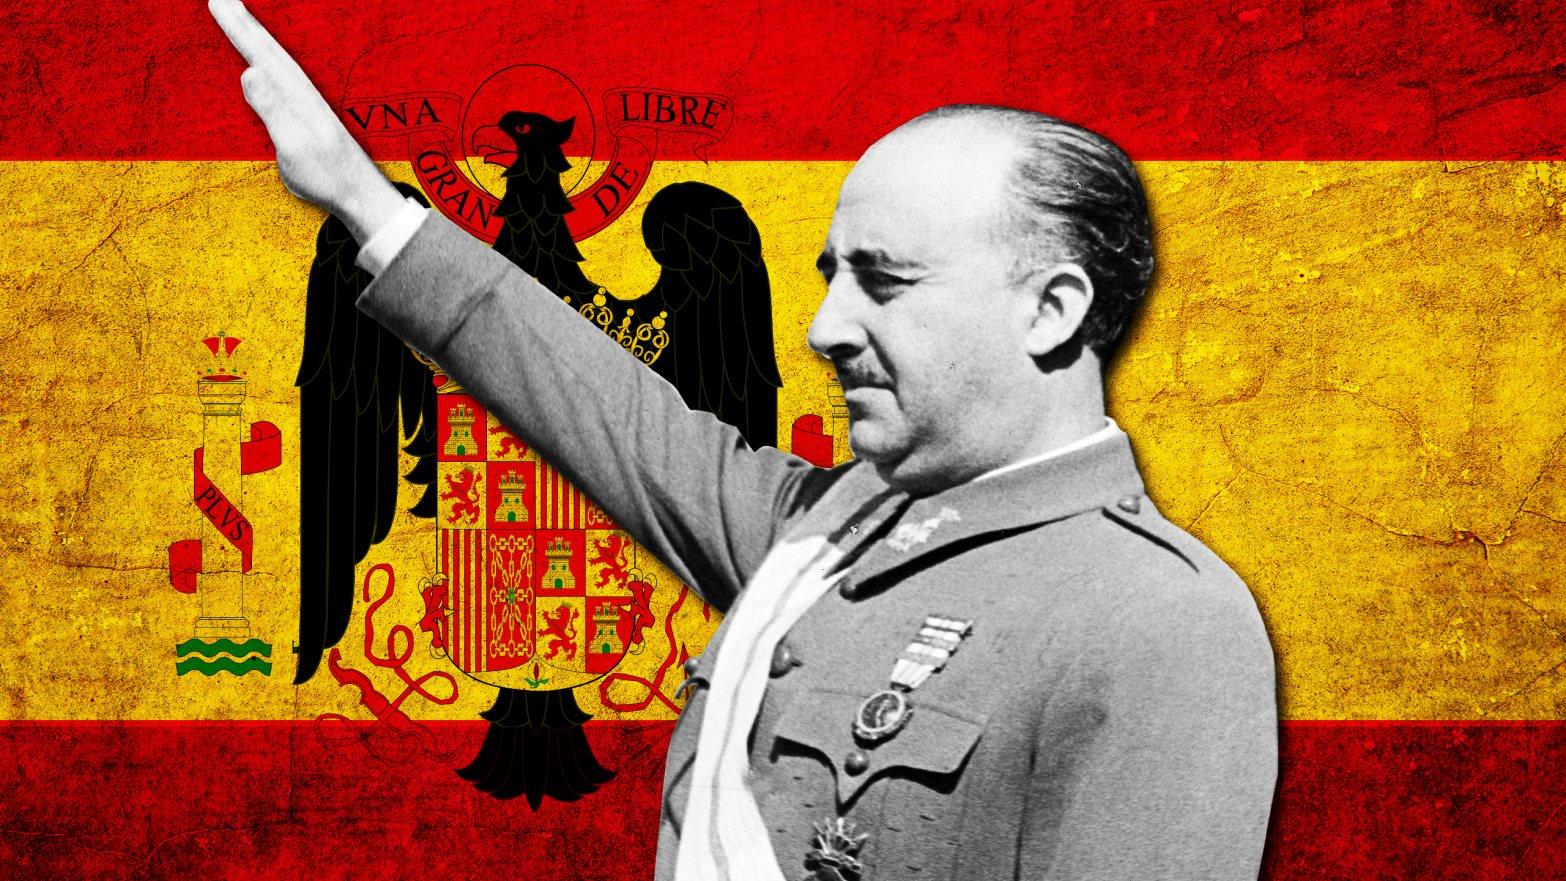 Separatisti stekli većinu u katalonskom parlamentu, traže referendum o nezavisnosti 181019-irving-franco-hero-2_xznt4w